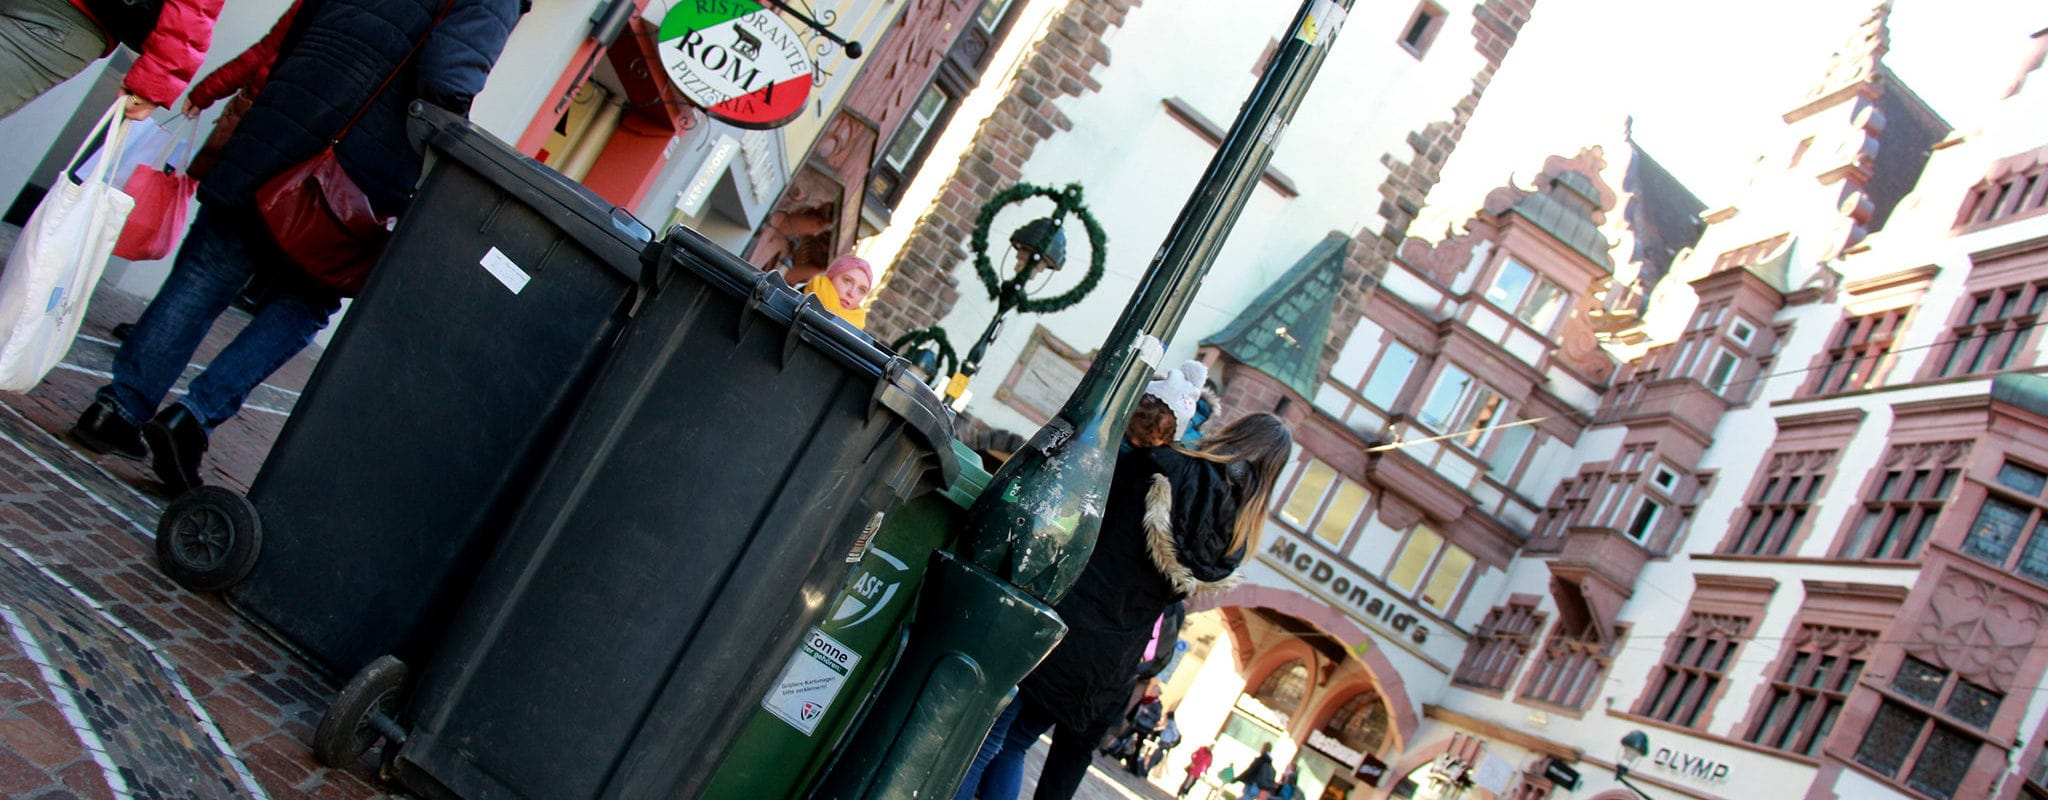 Zéro déchet : Comment Fribourg met sa voisine strasbourgeoise à l'amende